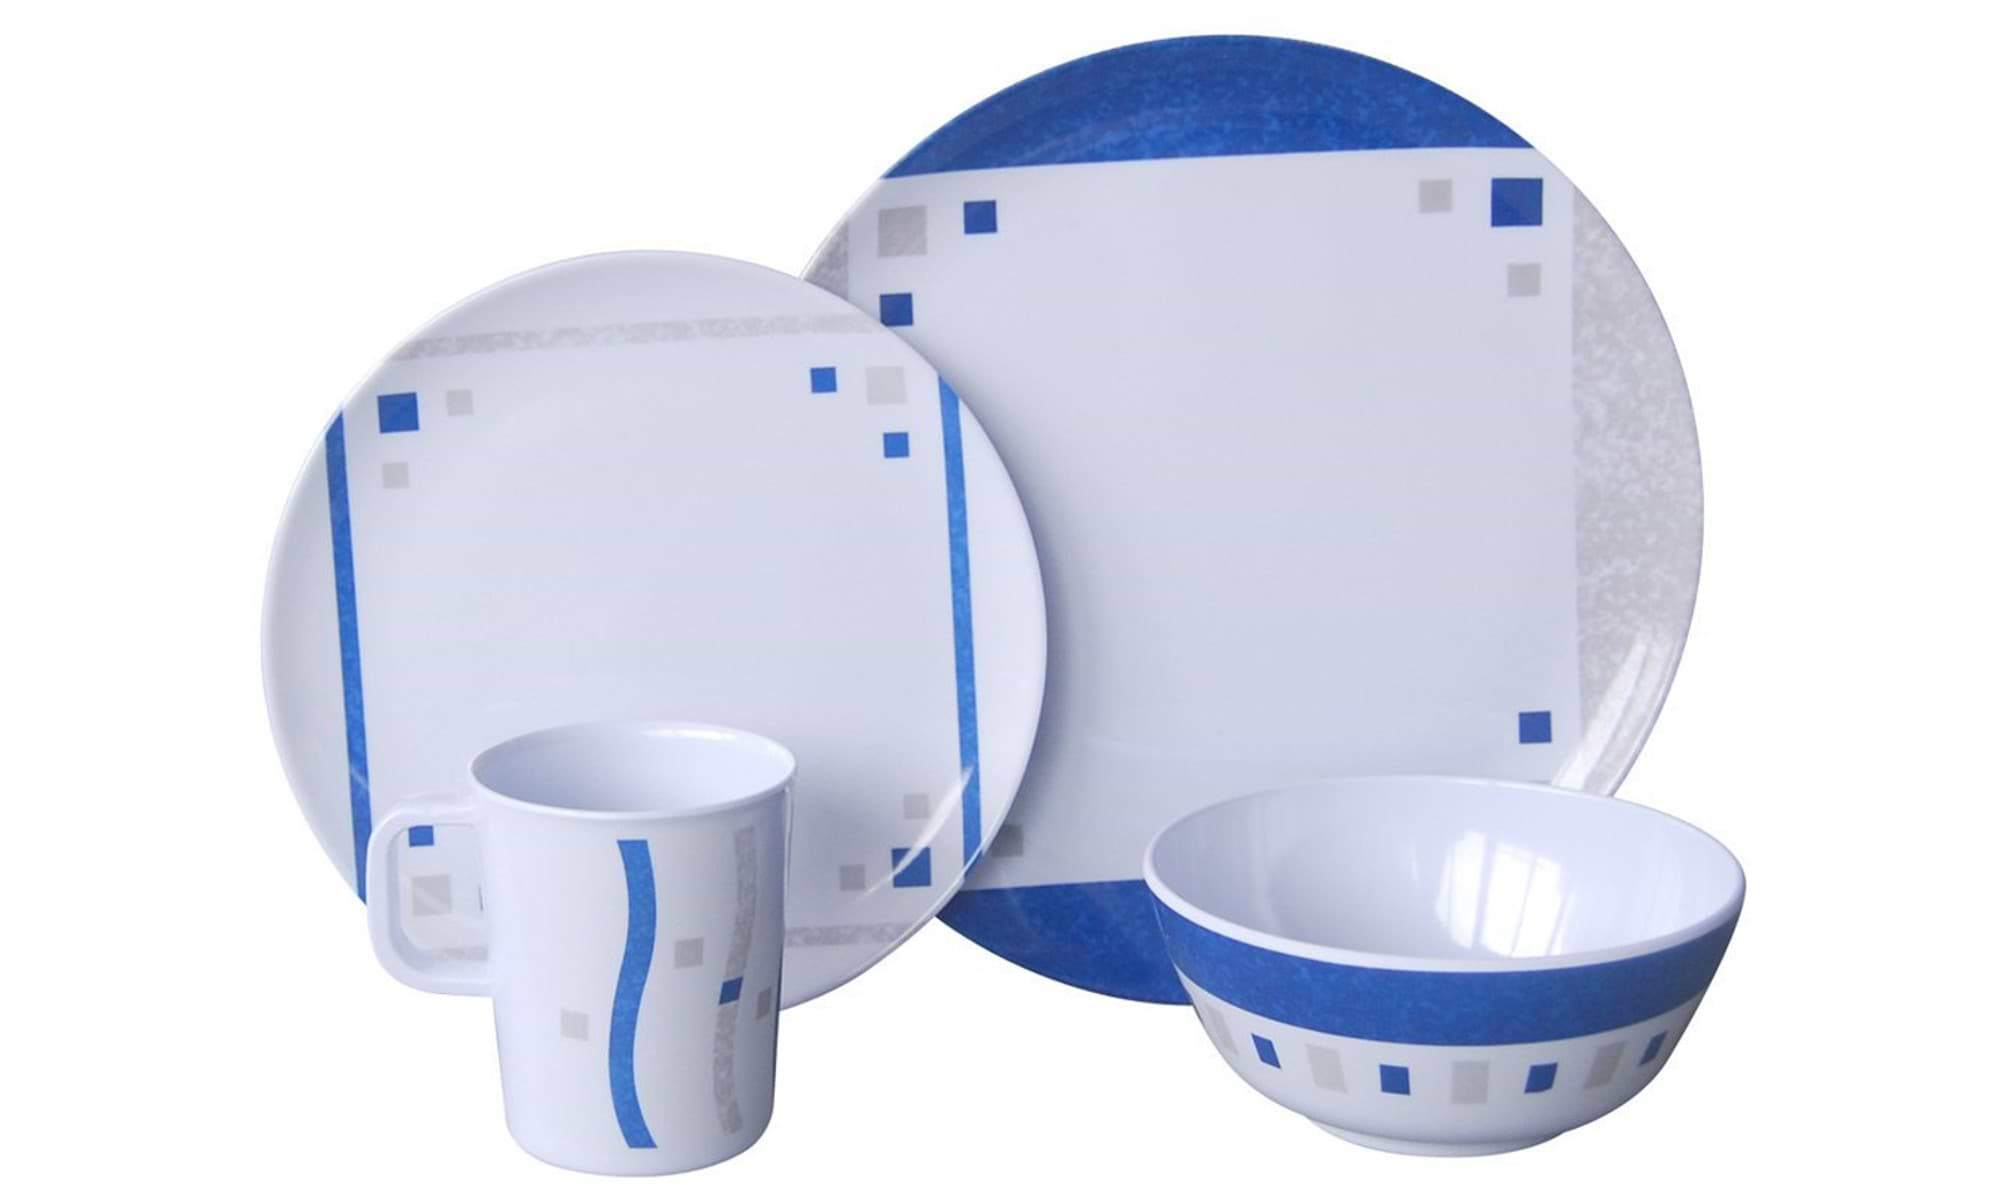 Melamin Campinggeschirr Set Cubic Blue